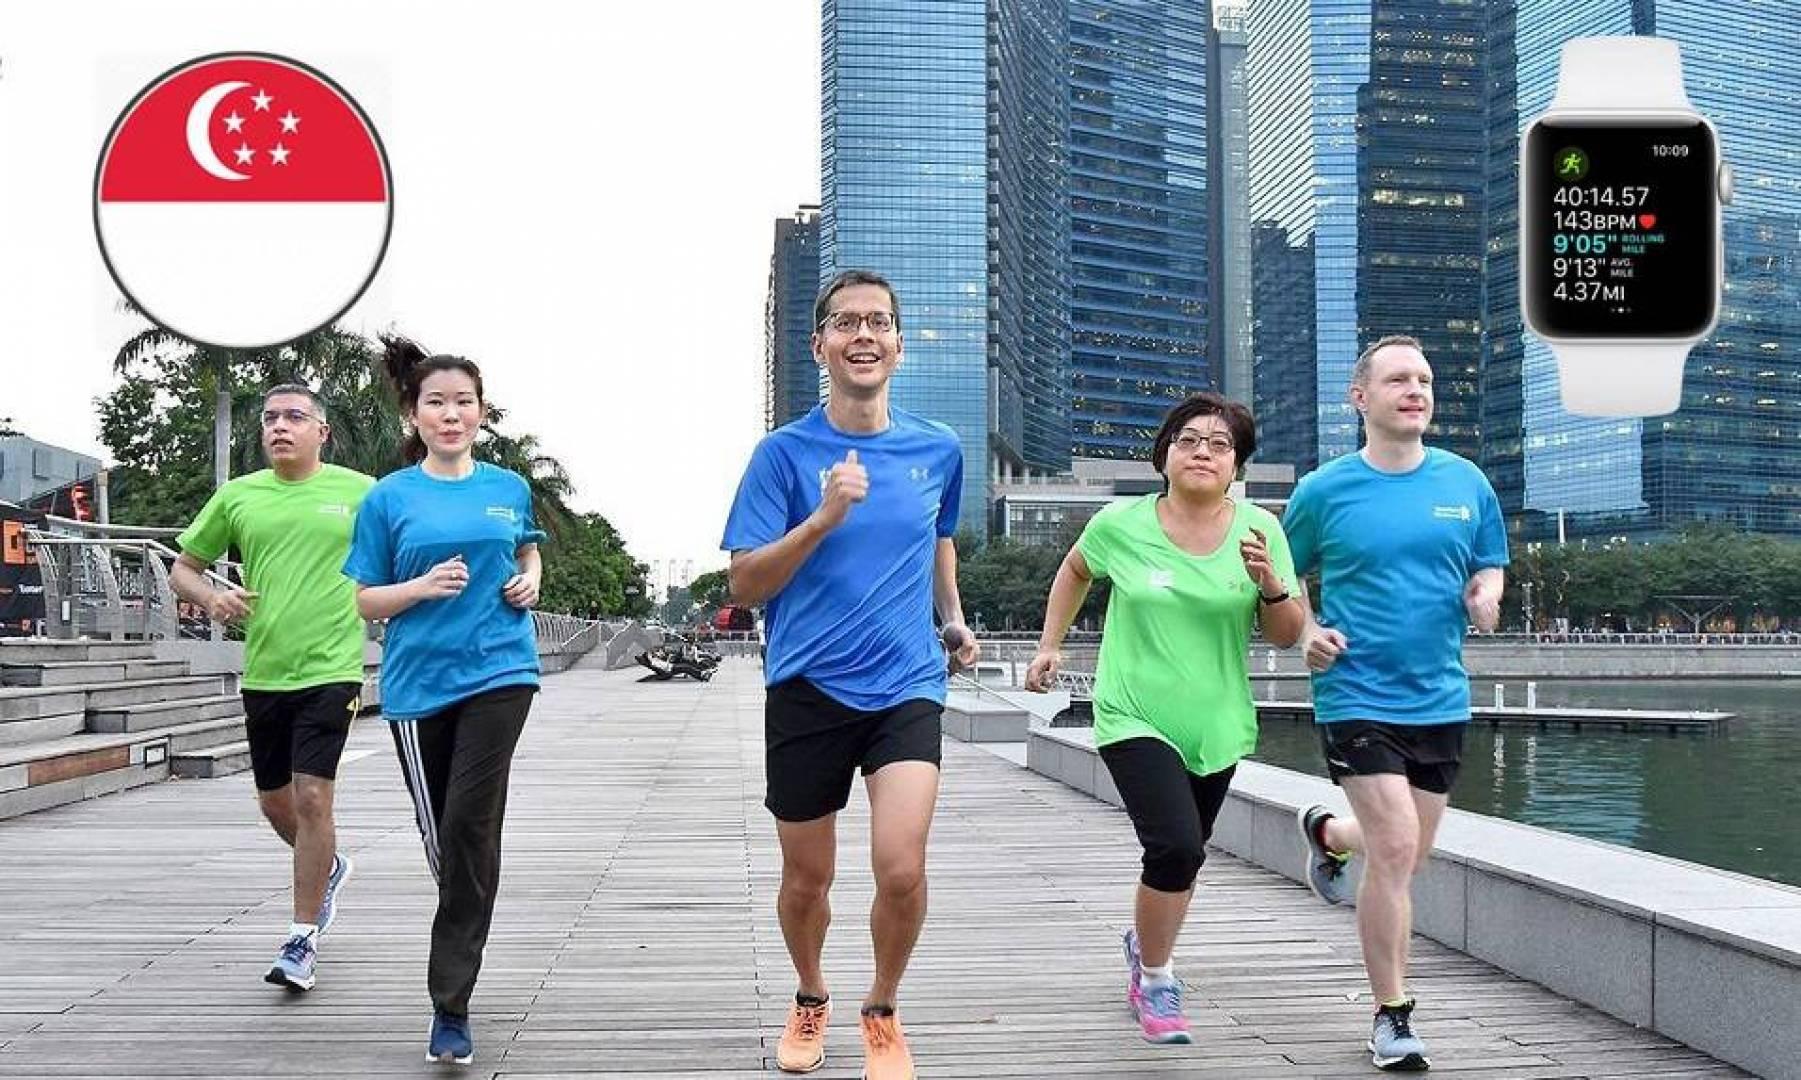 سنغافورة تدفع الأموال لمواطنيها مقابل الحفاظ على صحتهم باستخدام Apple Watch